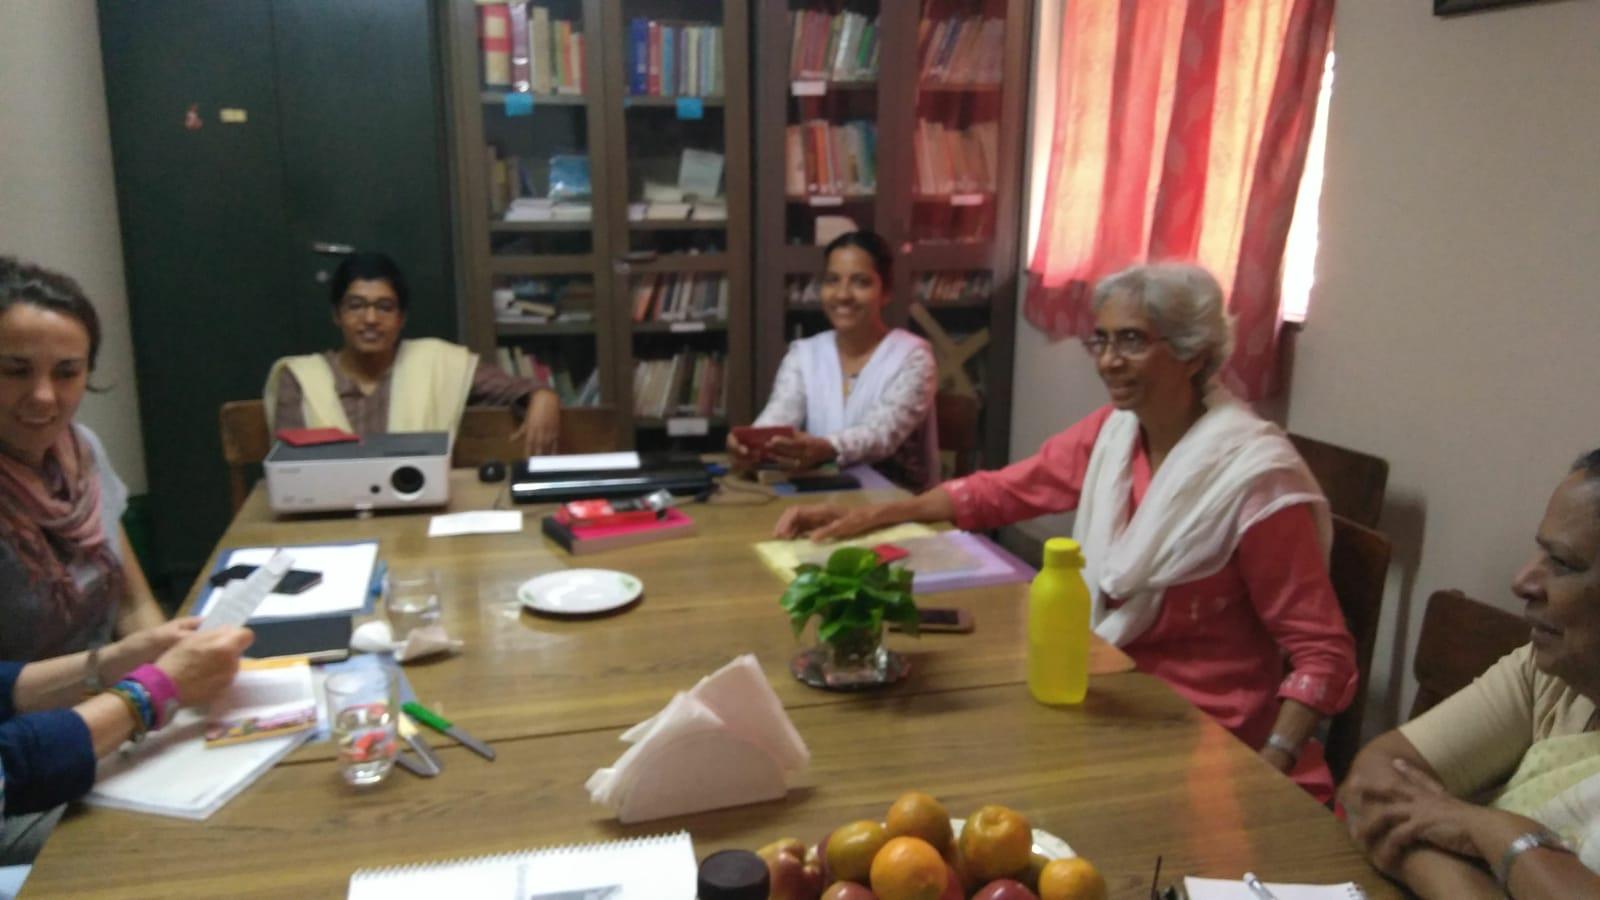 Reunión en Bombay de nuestro equipo con la dirección del Community College.